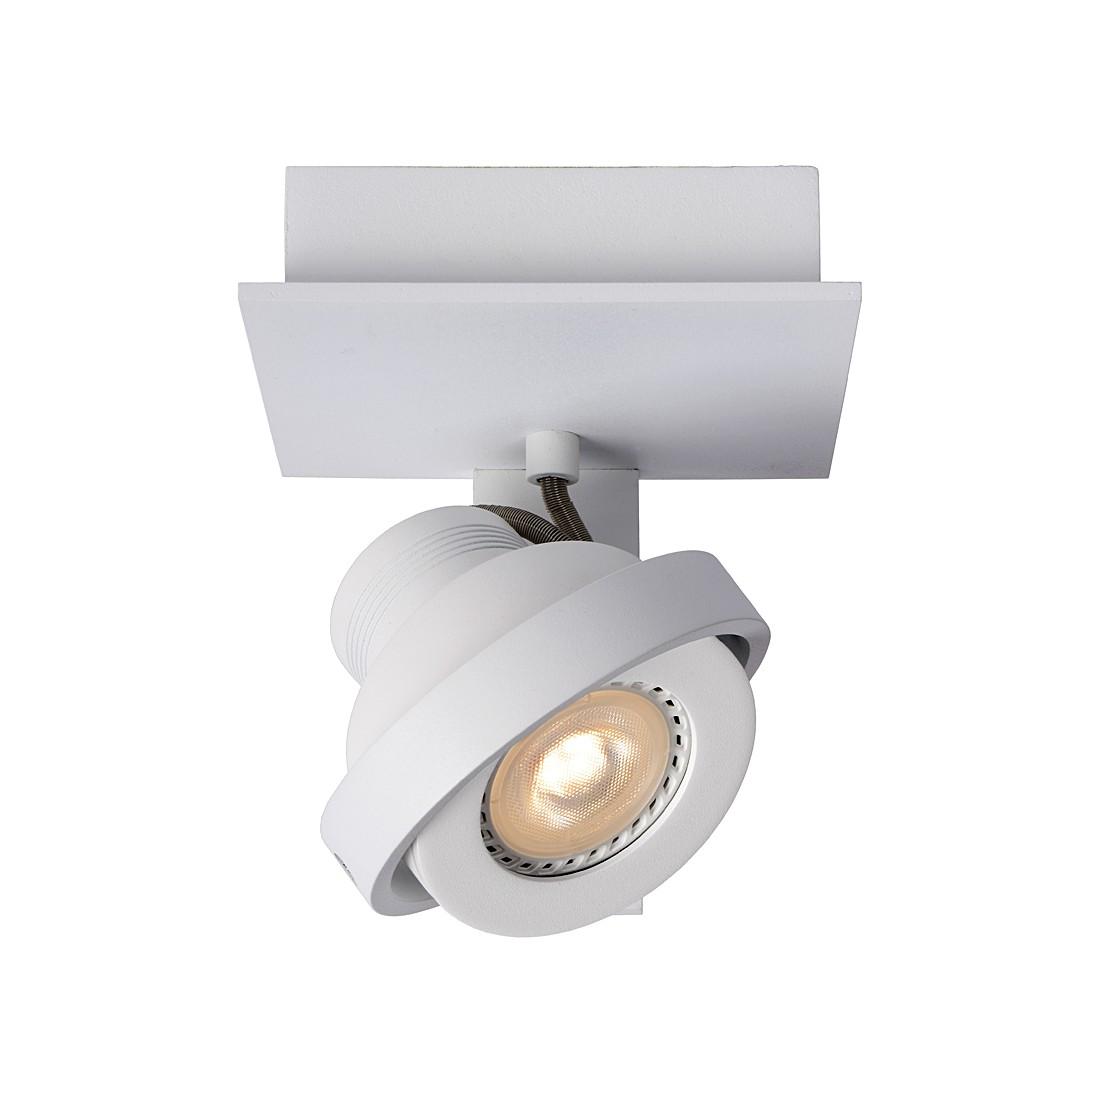 Deckenstrahler LUCI-1 LED – Aluminium – 1-flammig, Zuiver günstig online kaufen